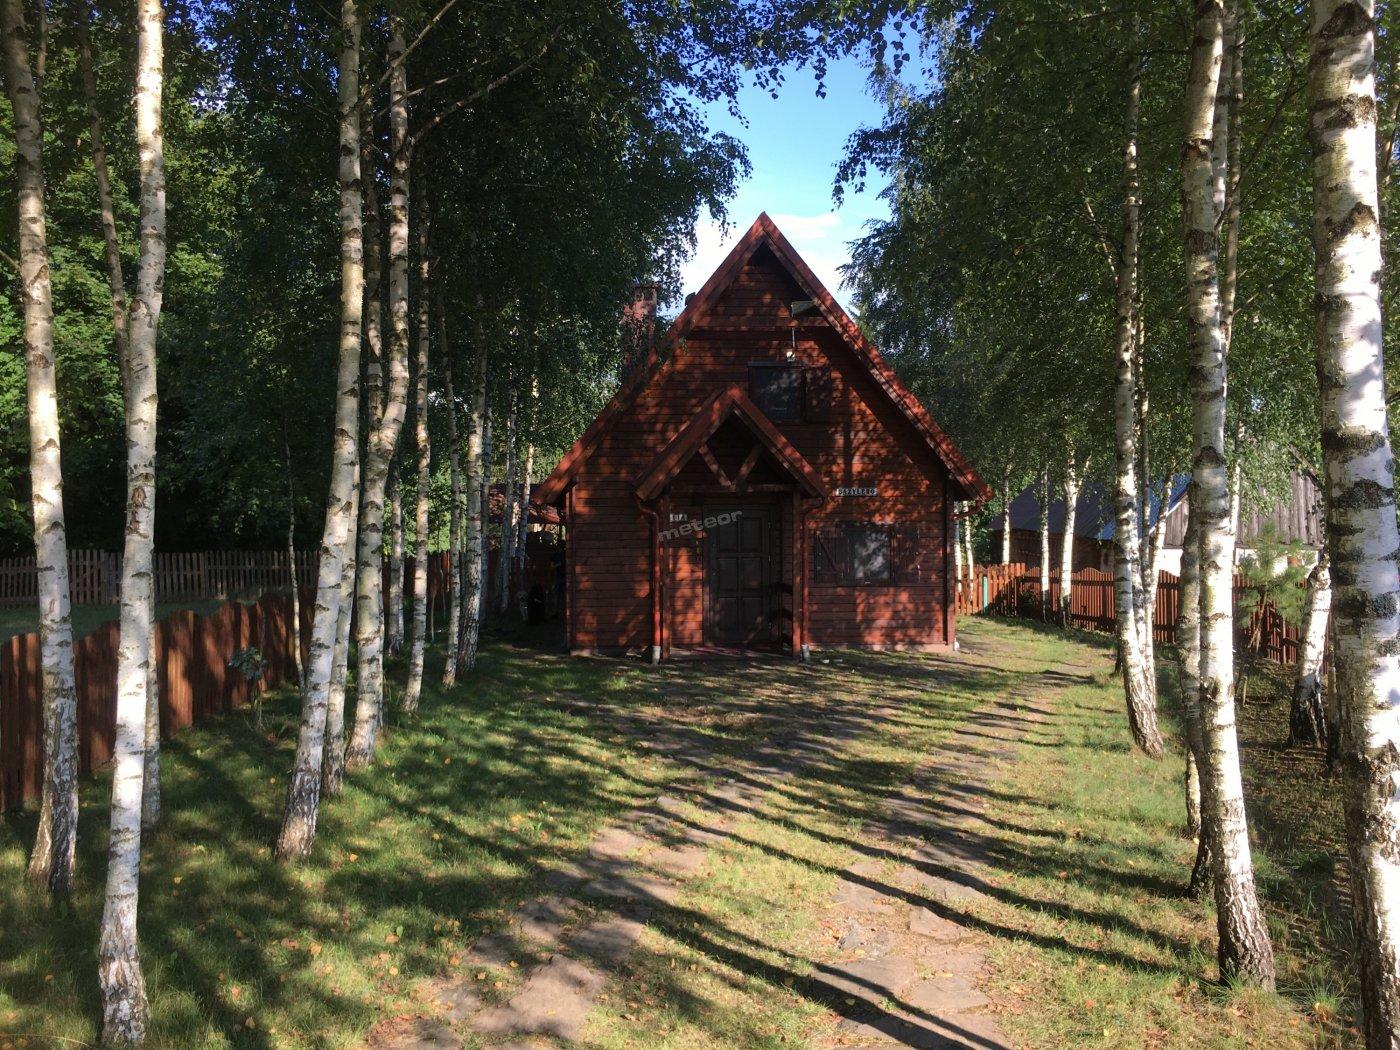 Front domu - dojazd alejką brzozową wyłożoną łupkami z gór Świętokrzyskich